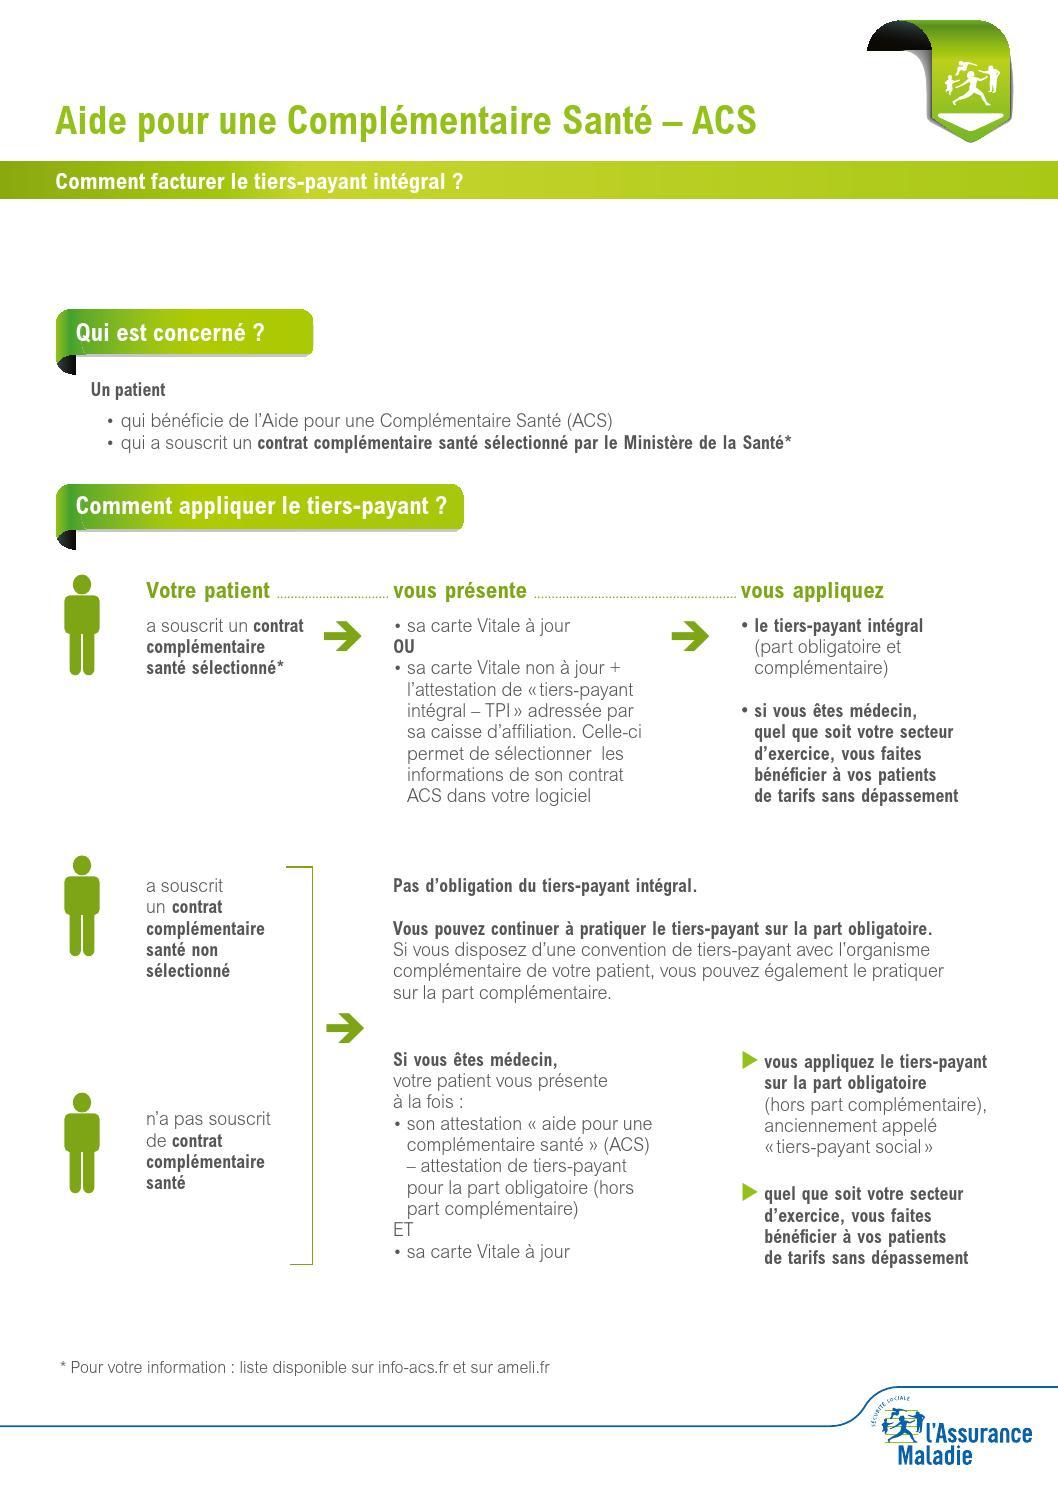 Aide pour la compl mentaire sant acs by reagjir issuu - Plafond aide a la complementaire sante ...